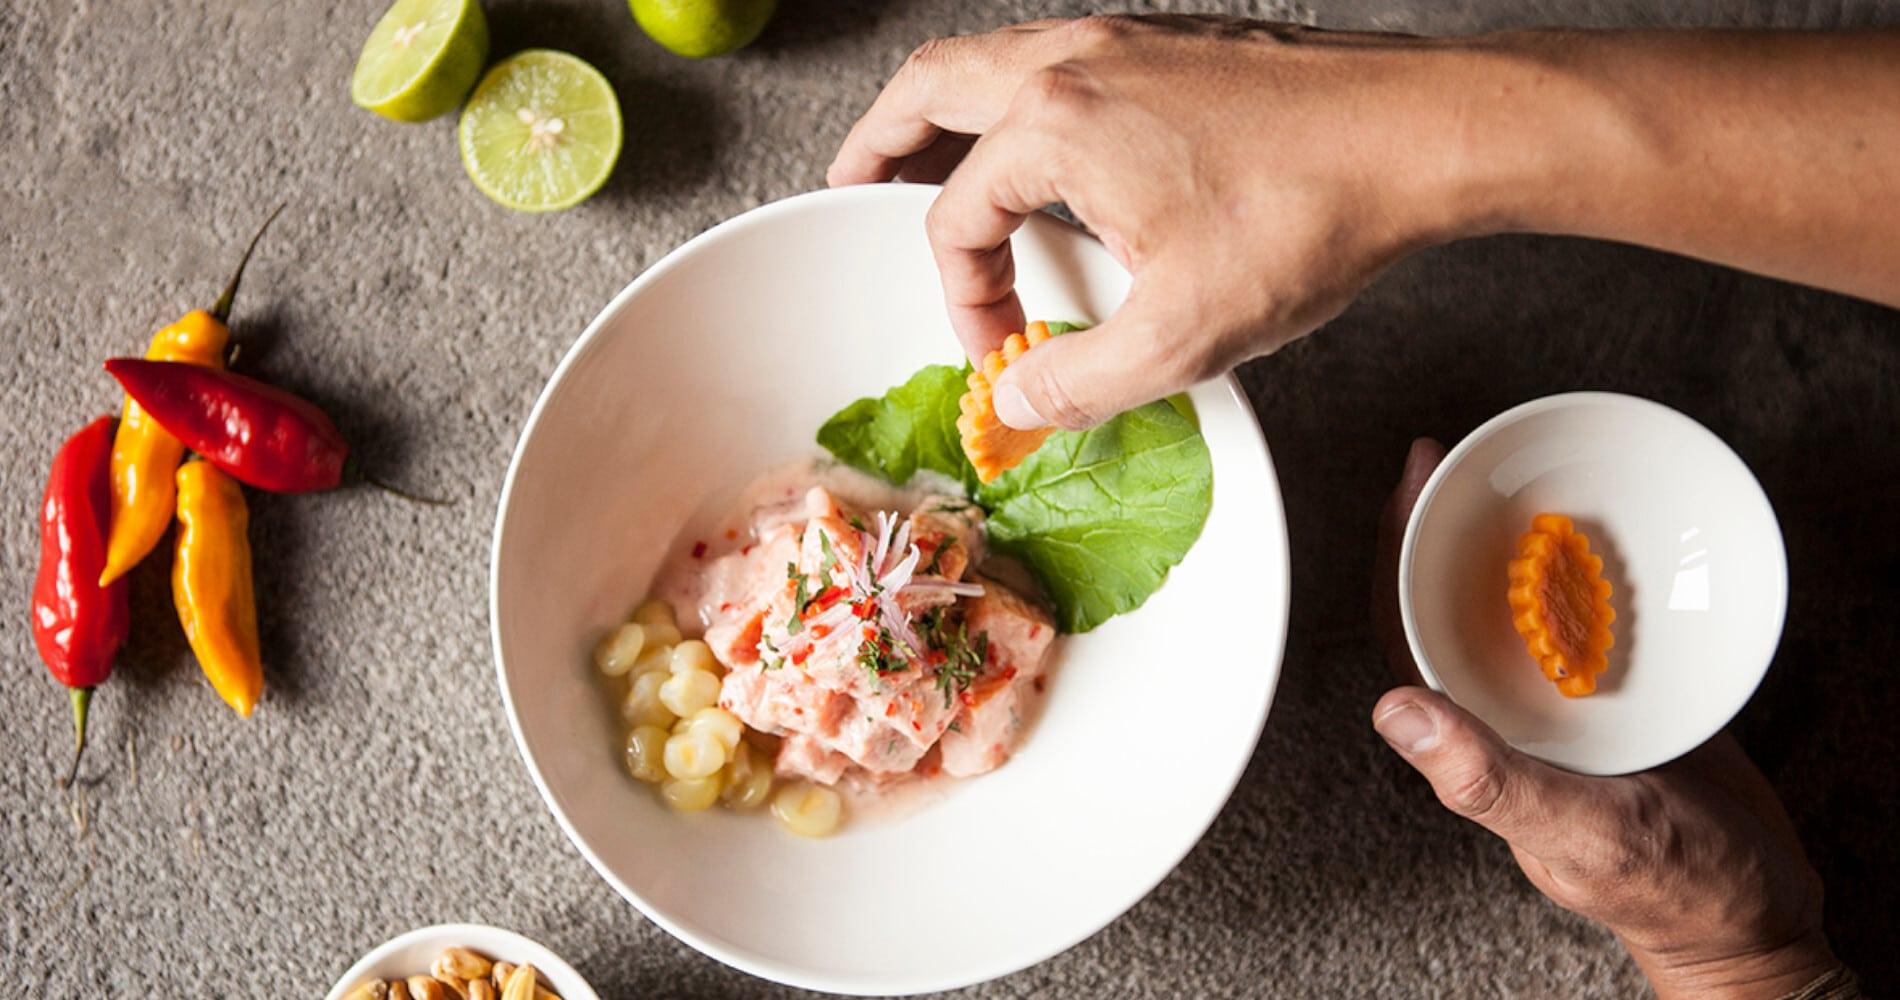 tierra-latina-cours-de-cuisine-en-direct-du-chili (1)